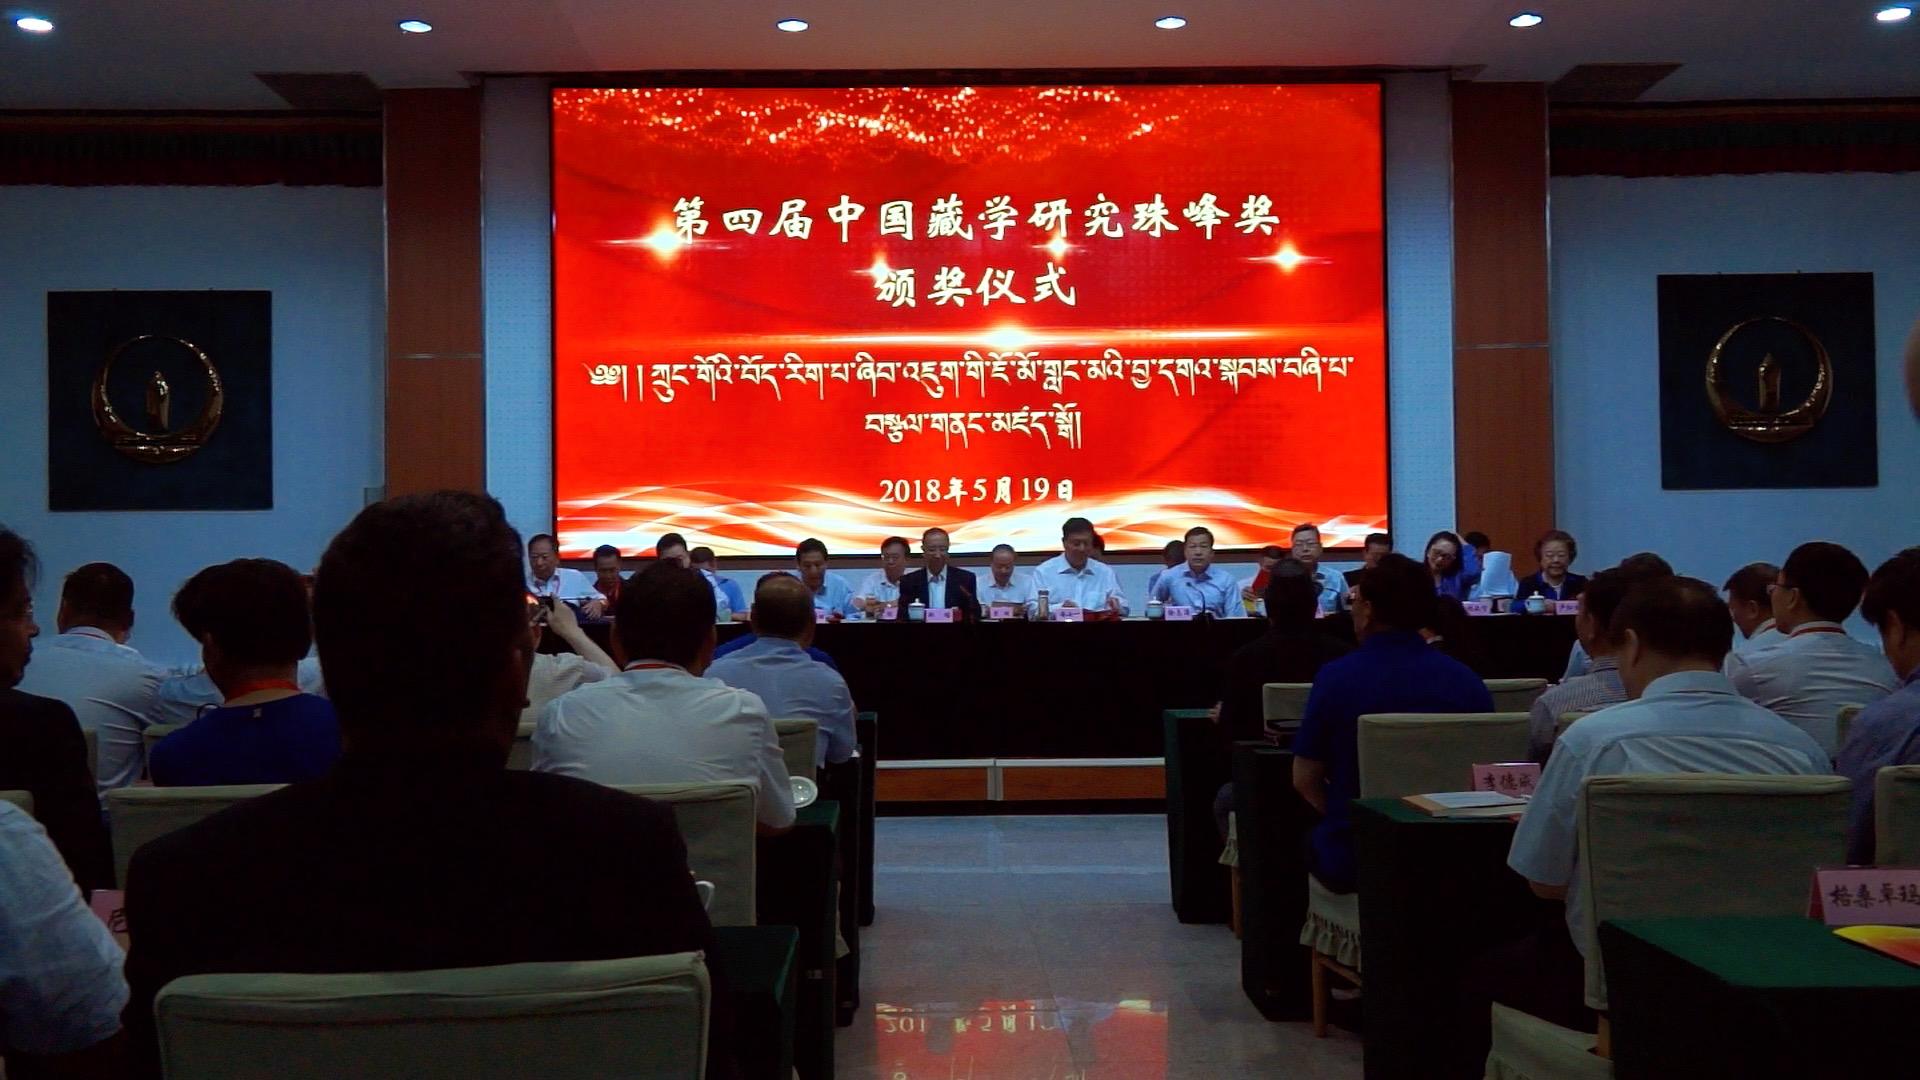 第四届中国藏学研究珠峰奖颁奖仪式在京举办